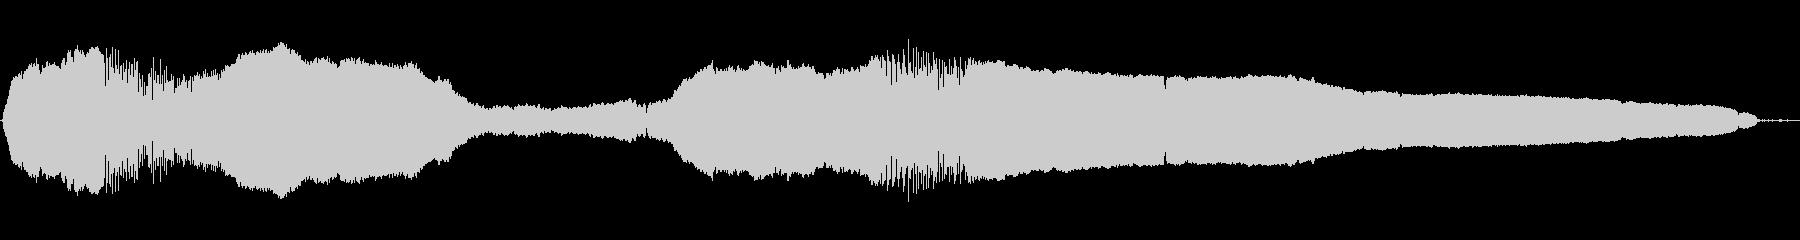 ウルフハウル、モアン、ソロの未再生の波形